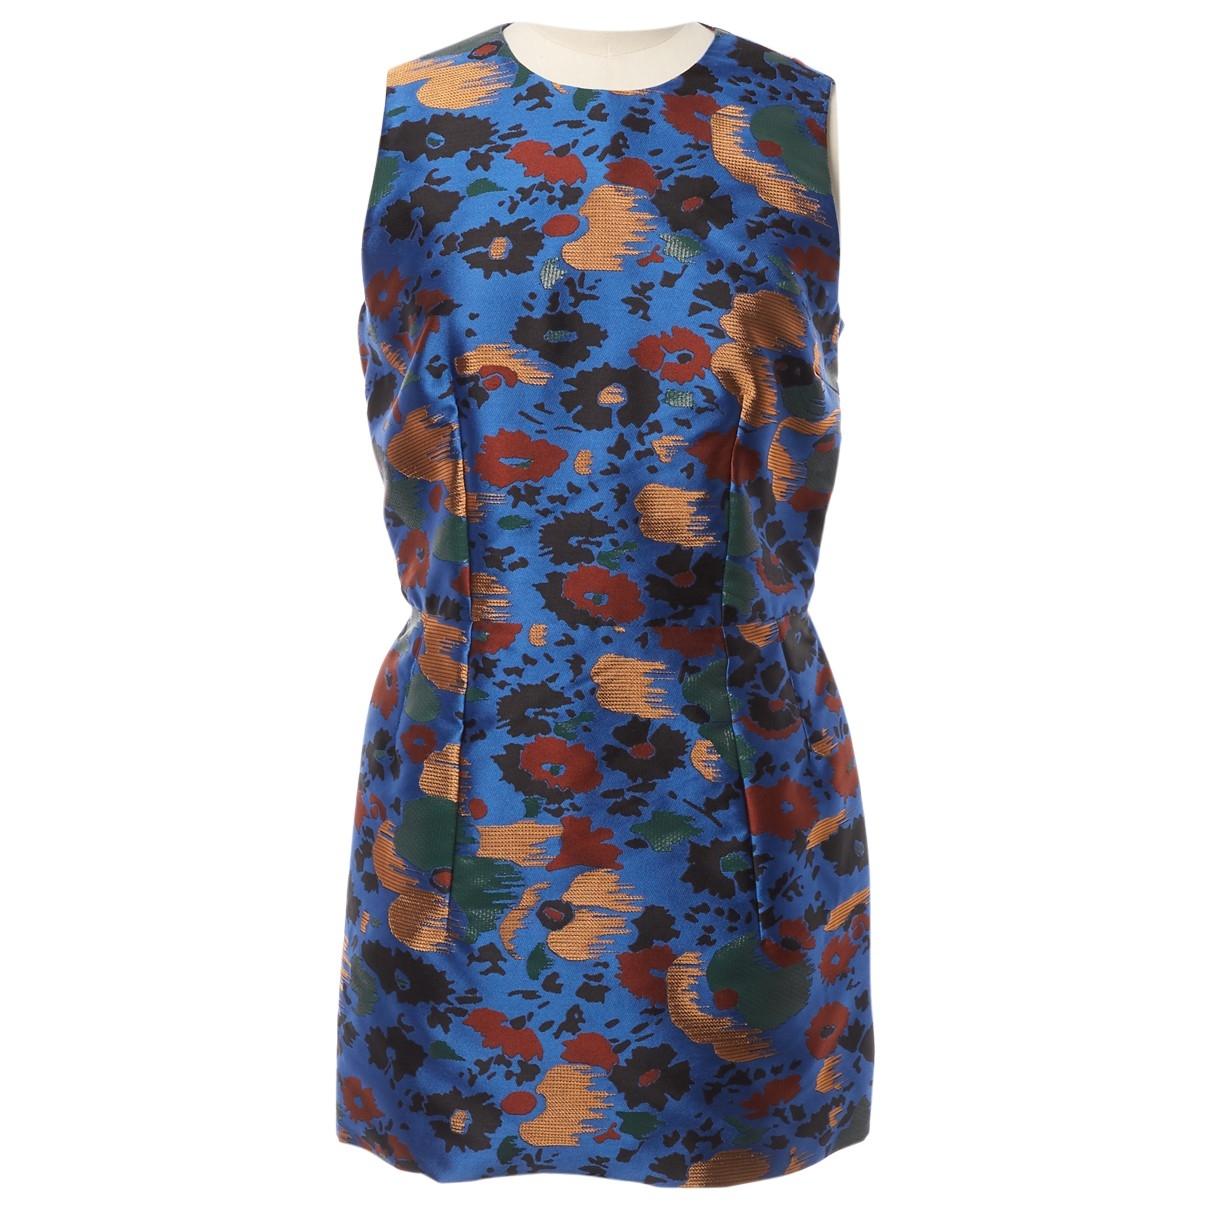 J.w. Anderson \N Blue dress for Women 8 UK